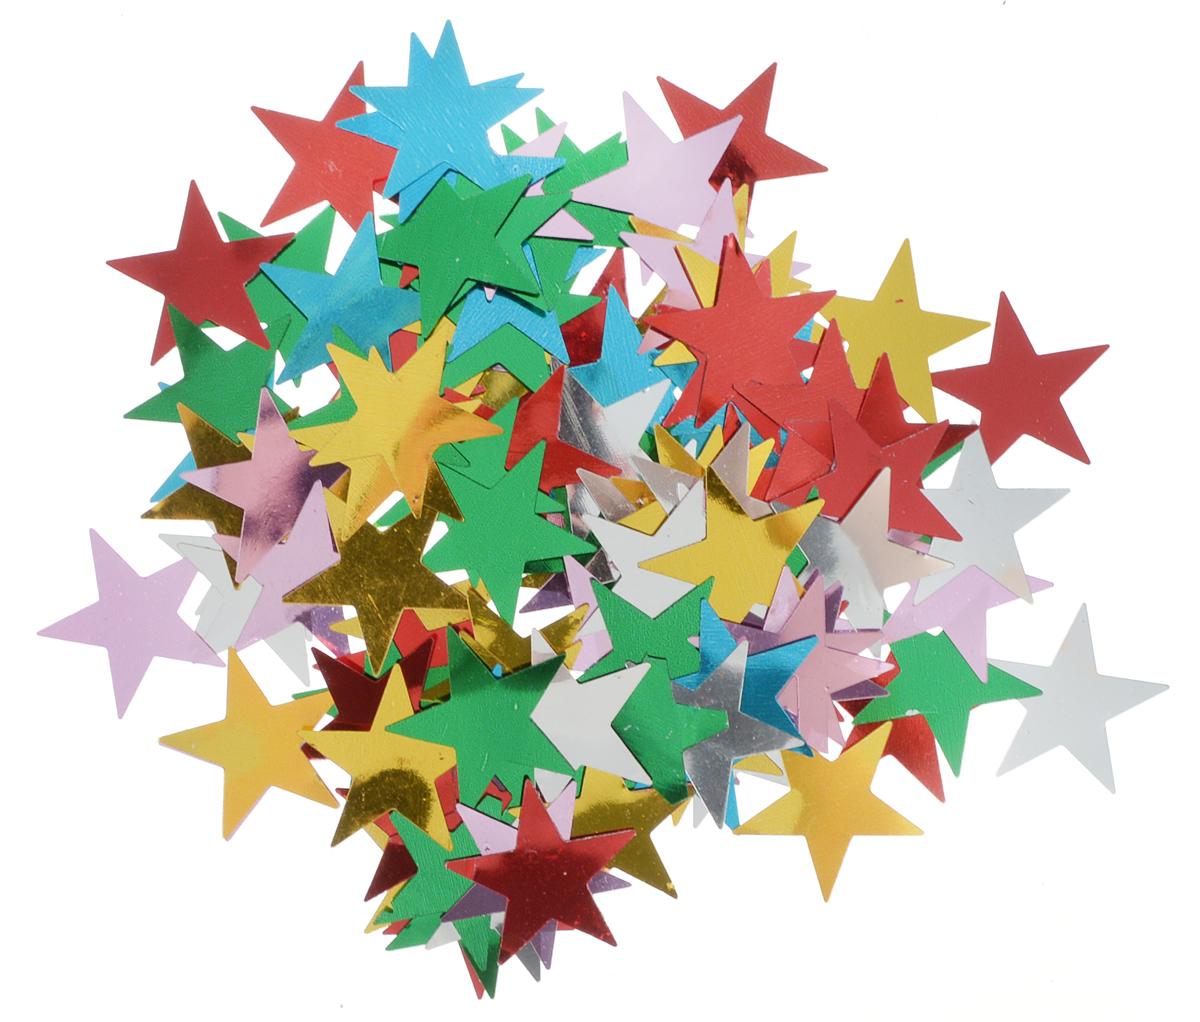 Конфетти новогоднее Magic Time Звездочки, 13 г42146Новогоднее конфетти Magic Time Звездочки выполнено из ПЭТ (полиэтилентерефталата) в форме звезд. Конфетти создаст праздничное настроение, сделает праздник ярким и незабываемым.Новогодние украшения всегда несут в себе волшебство и красоту праздника. Создайте в своем доме атмосферу тепла, веселья и радости, украшая его всей семьей.Вес упаковки: 13 г.Размеры звезды: 2,8 х 2,8 см.